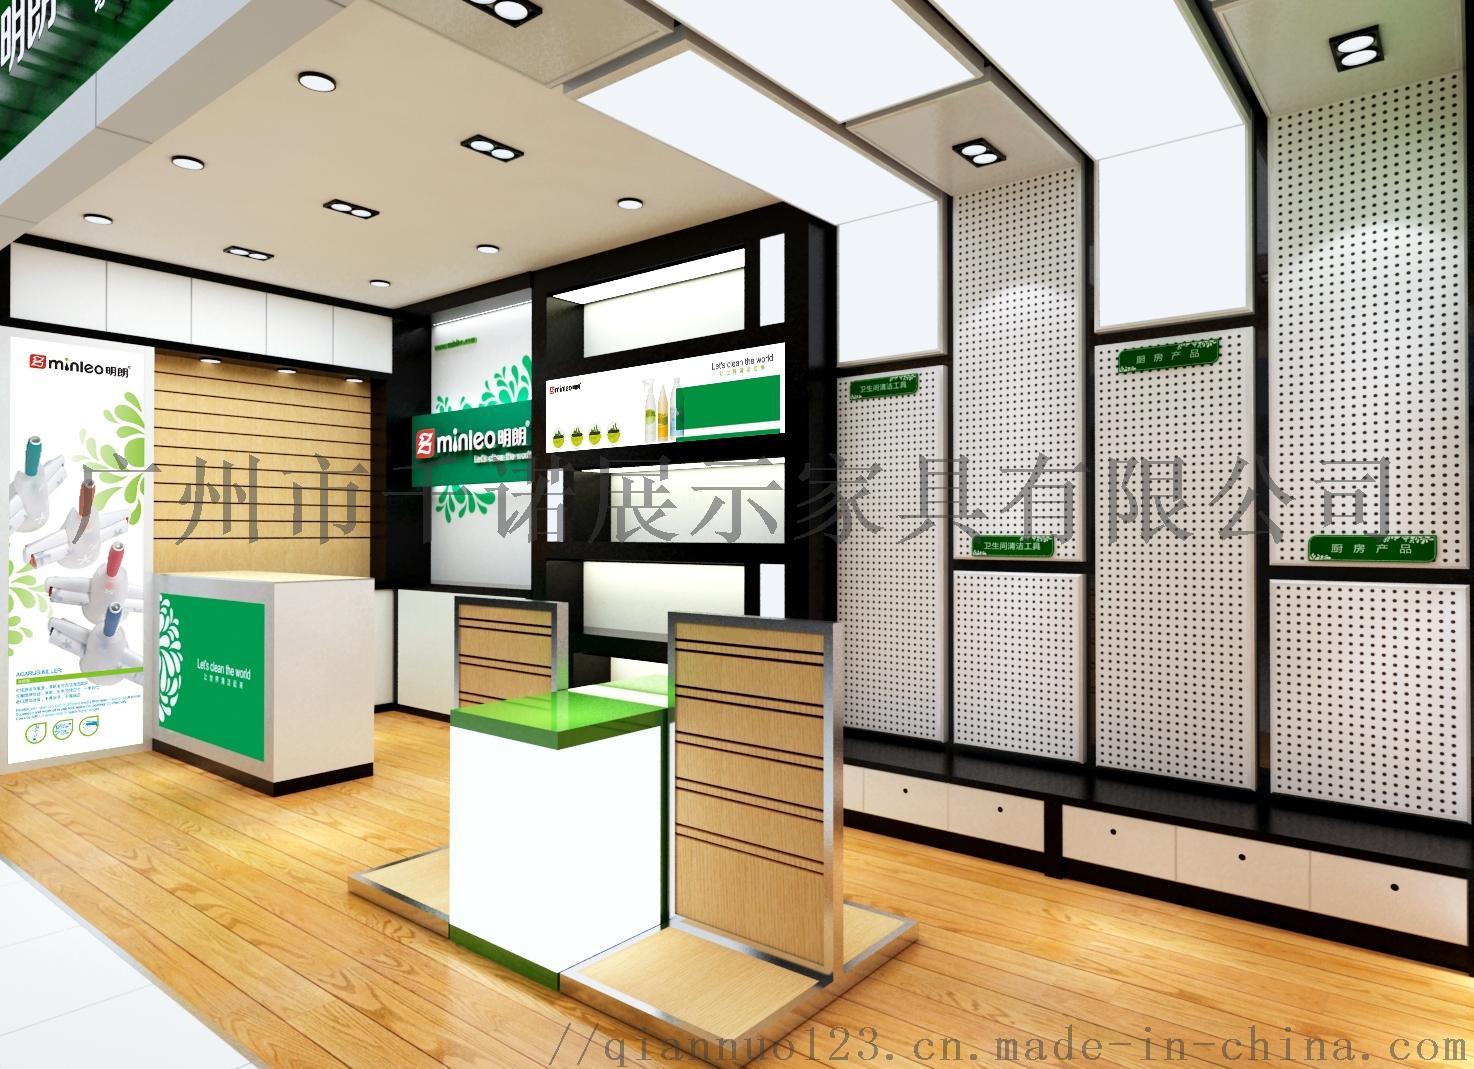 058專櫃式展示-綠色-004.jpg